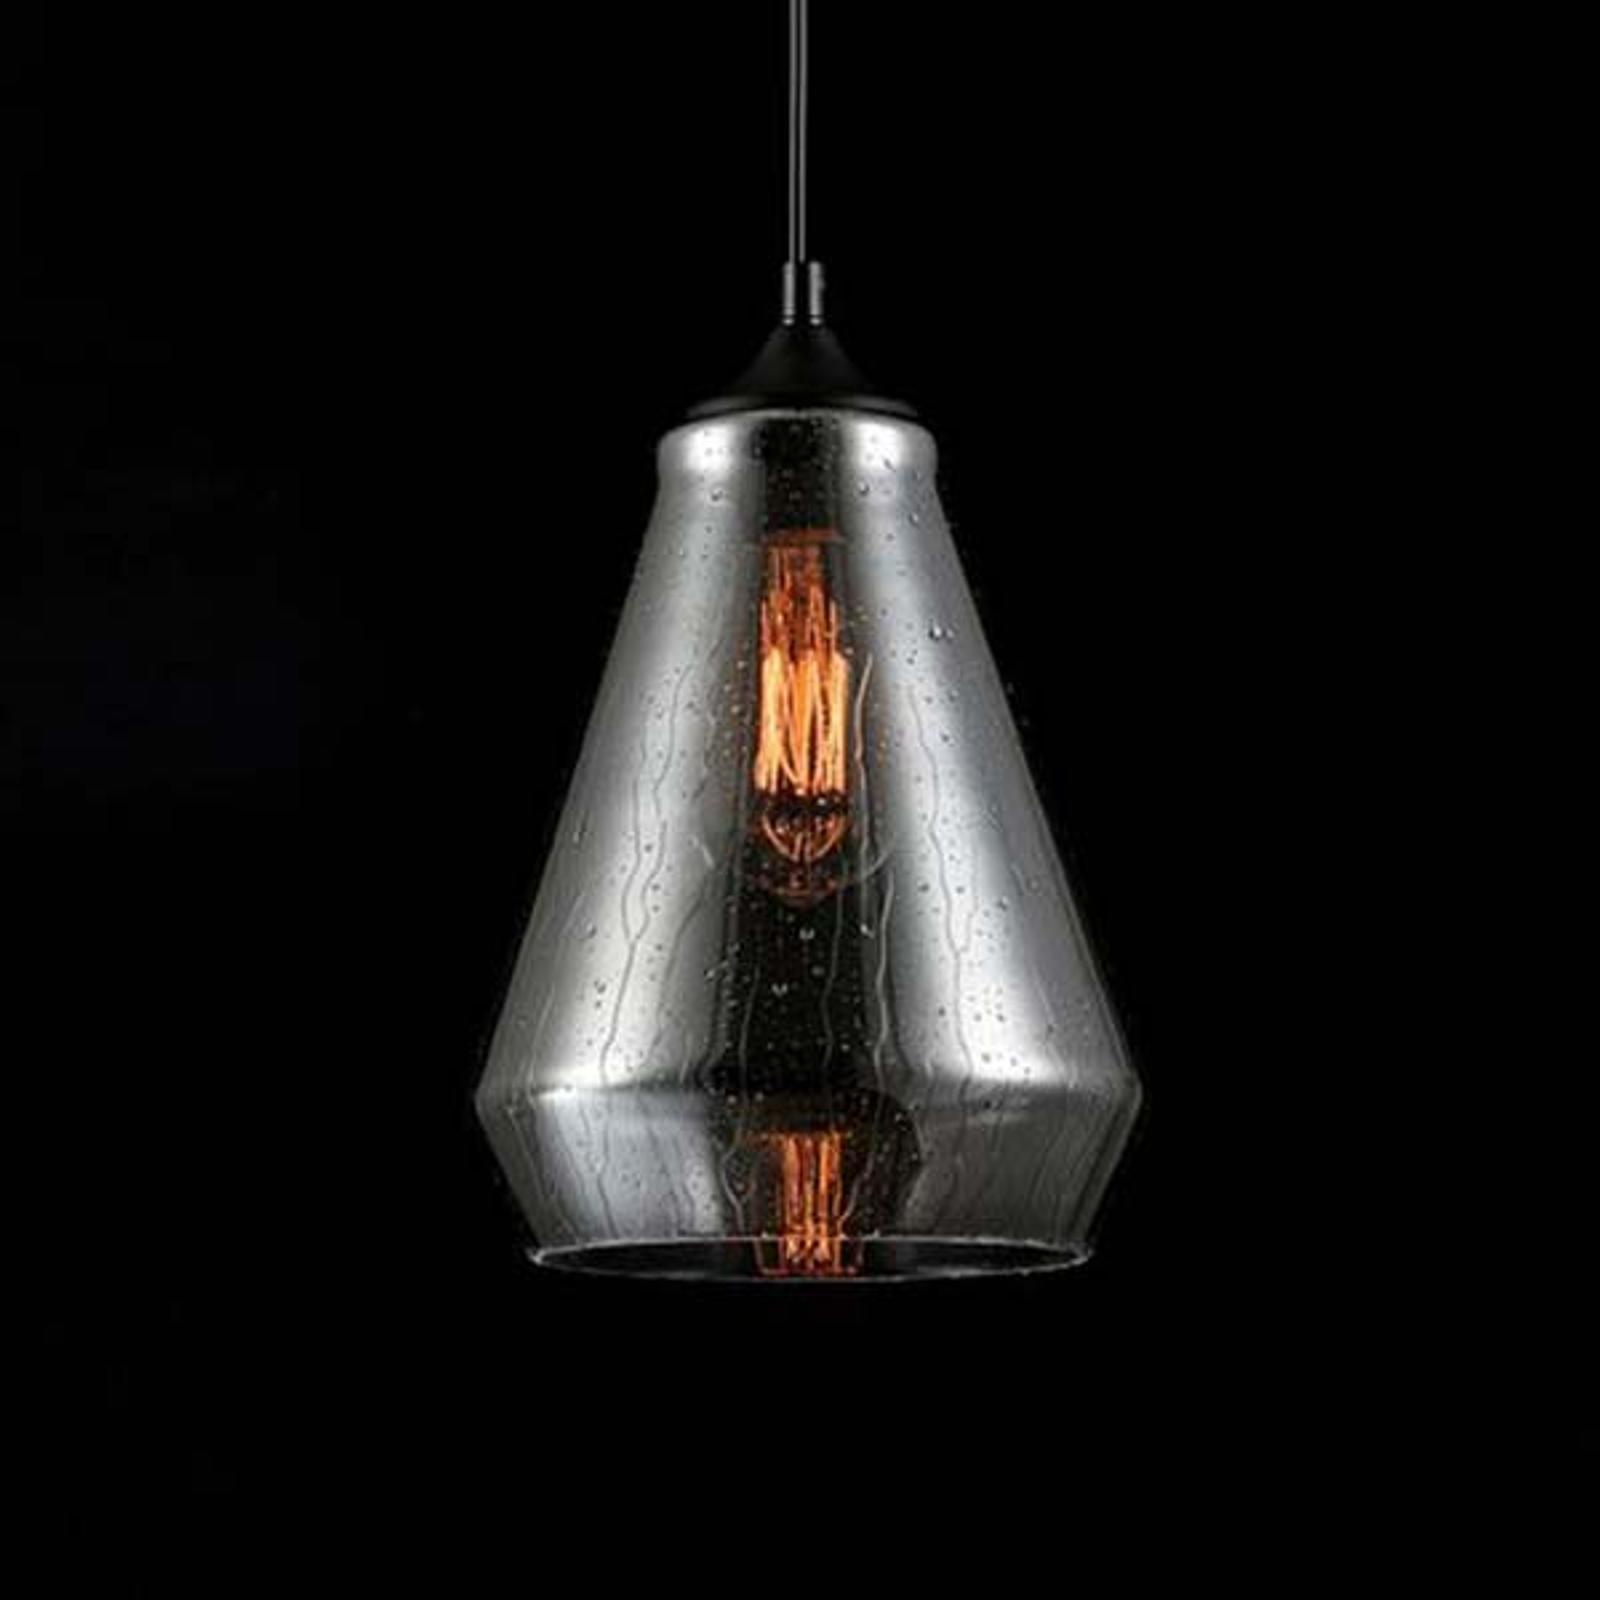 Glas-hanglamp bergen met regeneffect Ø 21cm